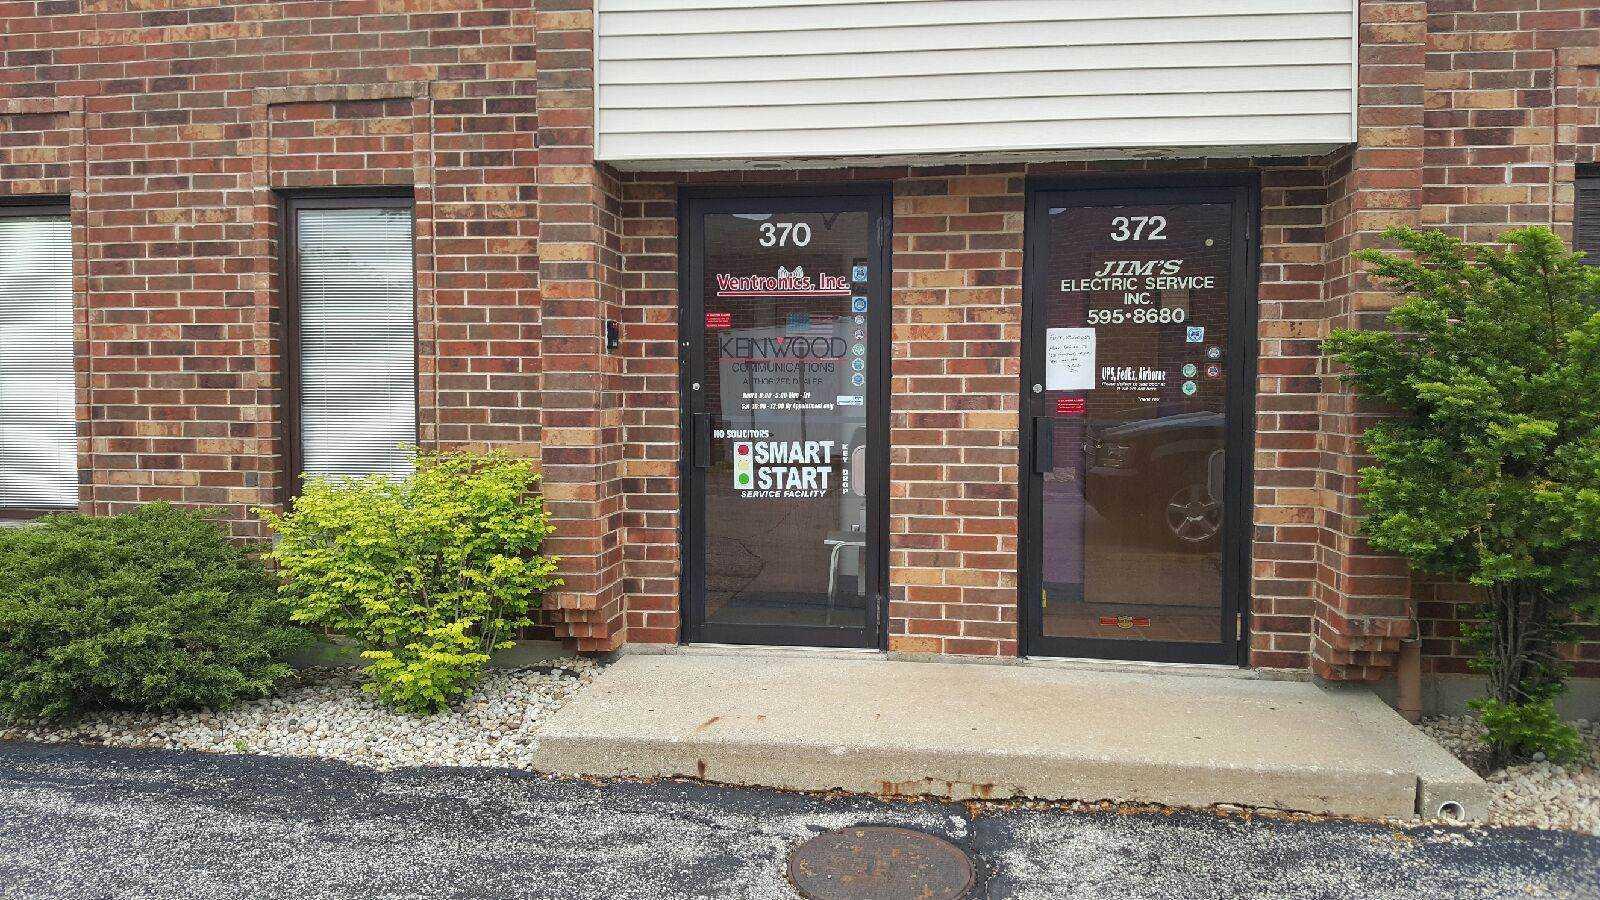 Smart Start Interlock >> Smart Start Ignition Interlock | Wood Dale, Illinois 60191